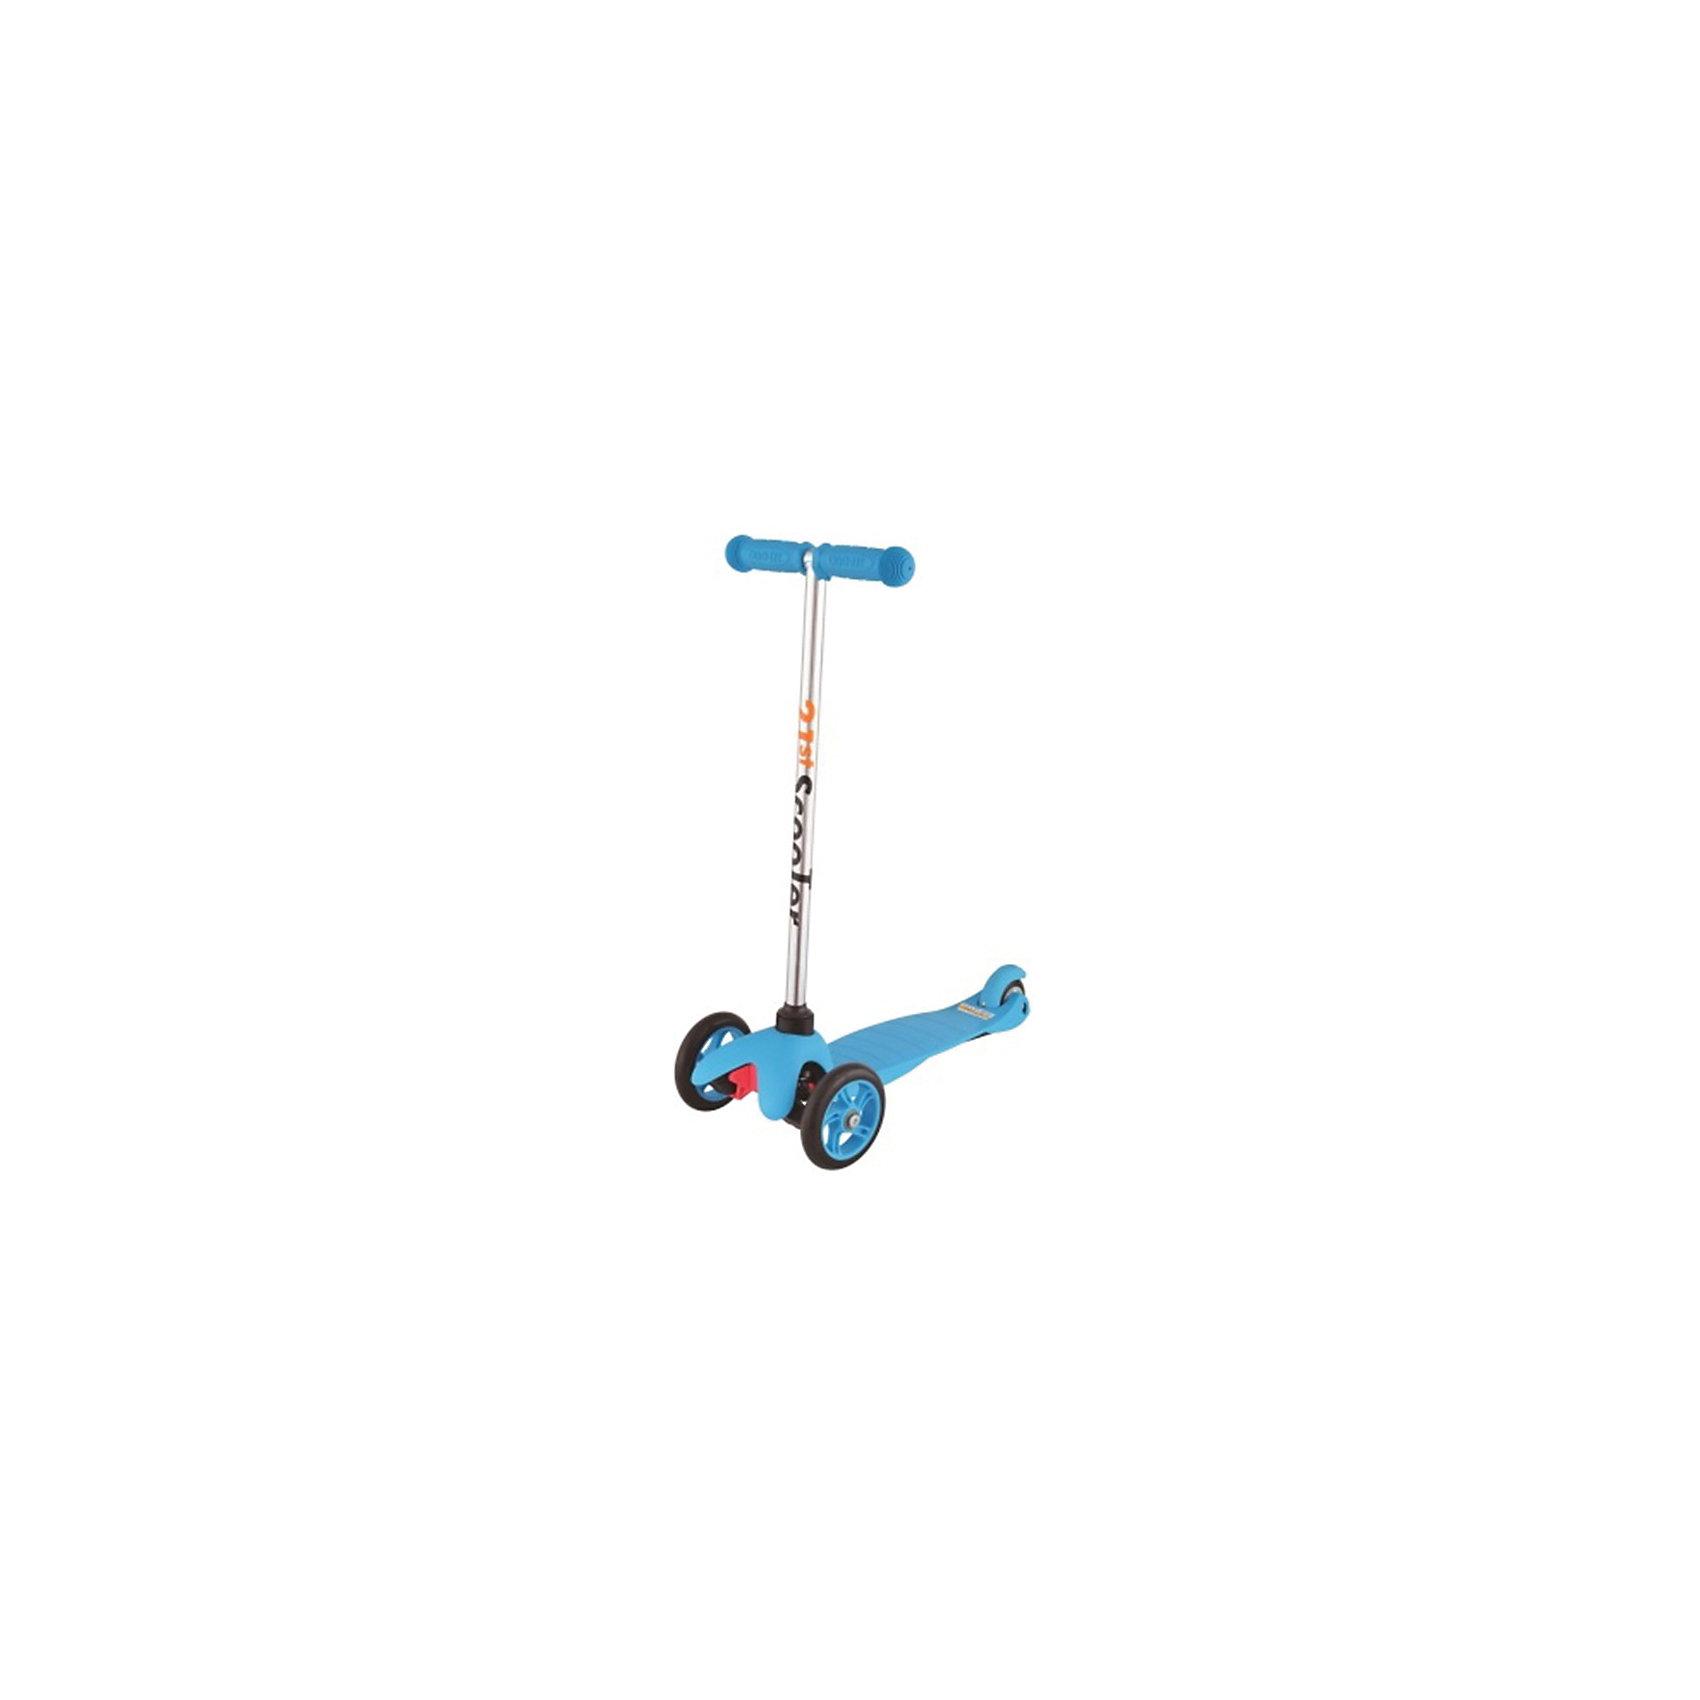 Самокат 3-х колёсный Maxi Scooter, синий, 21st scooTerСамокаты<br>21st scooter MaxiScooter (SKL-06A) - детский трехколесный самокат с амортизацией передней вилки. Самокат имеет уникальную запатентованную систему управления. Гибкая подножка сделана из мягкого пластика усиленного стекловолокном, что исключает риск травмирования ребенка об нее.За счет своей устойчивости и плавности хода, SKL-06A очень просто освоить. Самокат изготовлен из высококачественных материалов. Он отлично способствует развитию опорно-двигательного аппарата ребенка его координацию движения и навыки балансировки.Характеристики:• Вес: 2 кг.• Возраст:  от 3-х лет• Максимальная нагрузка: до 30 кг.• Материал: алюминий, полипропилен, стеклопластик• Колеса: полиуретановые литые колеса PU• Диаметр колес: передние 120 мм, заднее 80 мм.• Подшипники: ABEC-1• Тормоз: задний тормоз наступающий (step-on brake)• Размеры: 67х23х53,5 см.• Размер платформы: 52х11 см.<br><br>Ширина мм: 610<br>Глубина мм: 450<br>Высота мм: 390<br>Вес г: 2400<br>Возраст от месяцев: 36<br>Возраст до месяцев: 2147483647<br>Пол: Унисекс<br>Возраст: Детский<br>SKU: 5475695